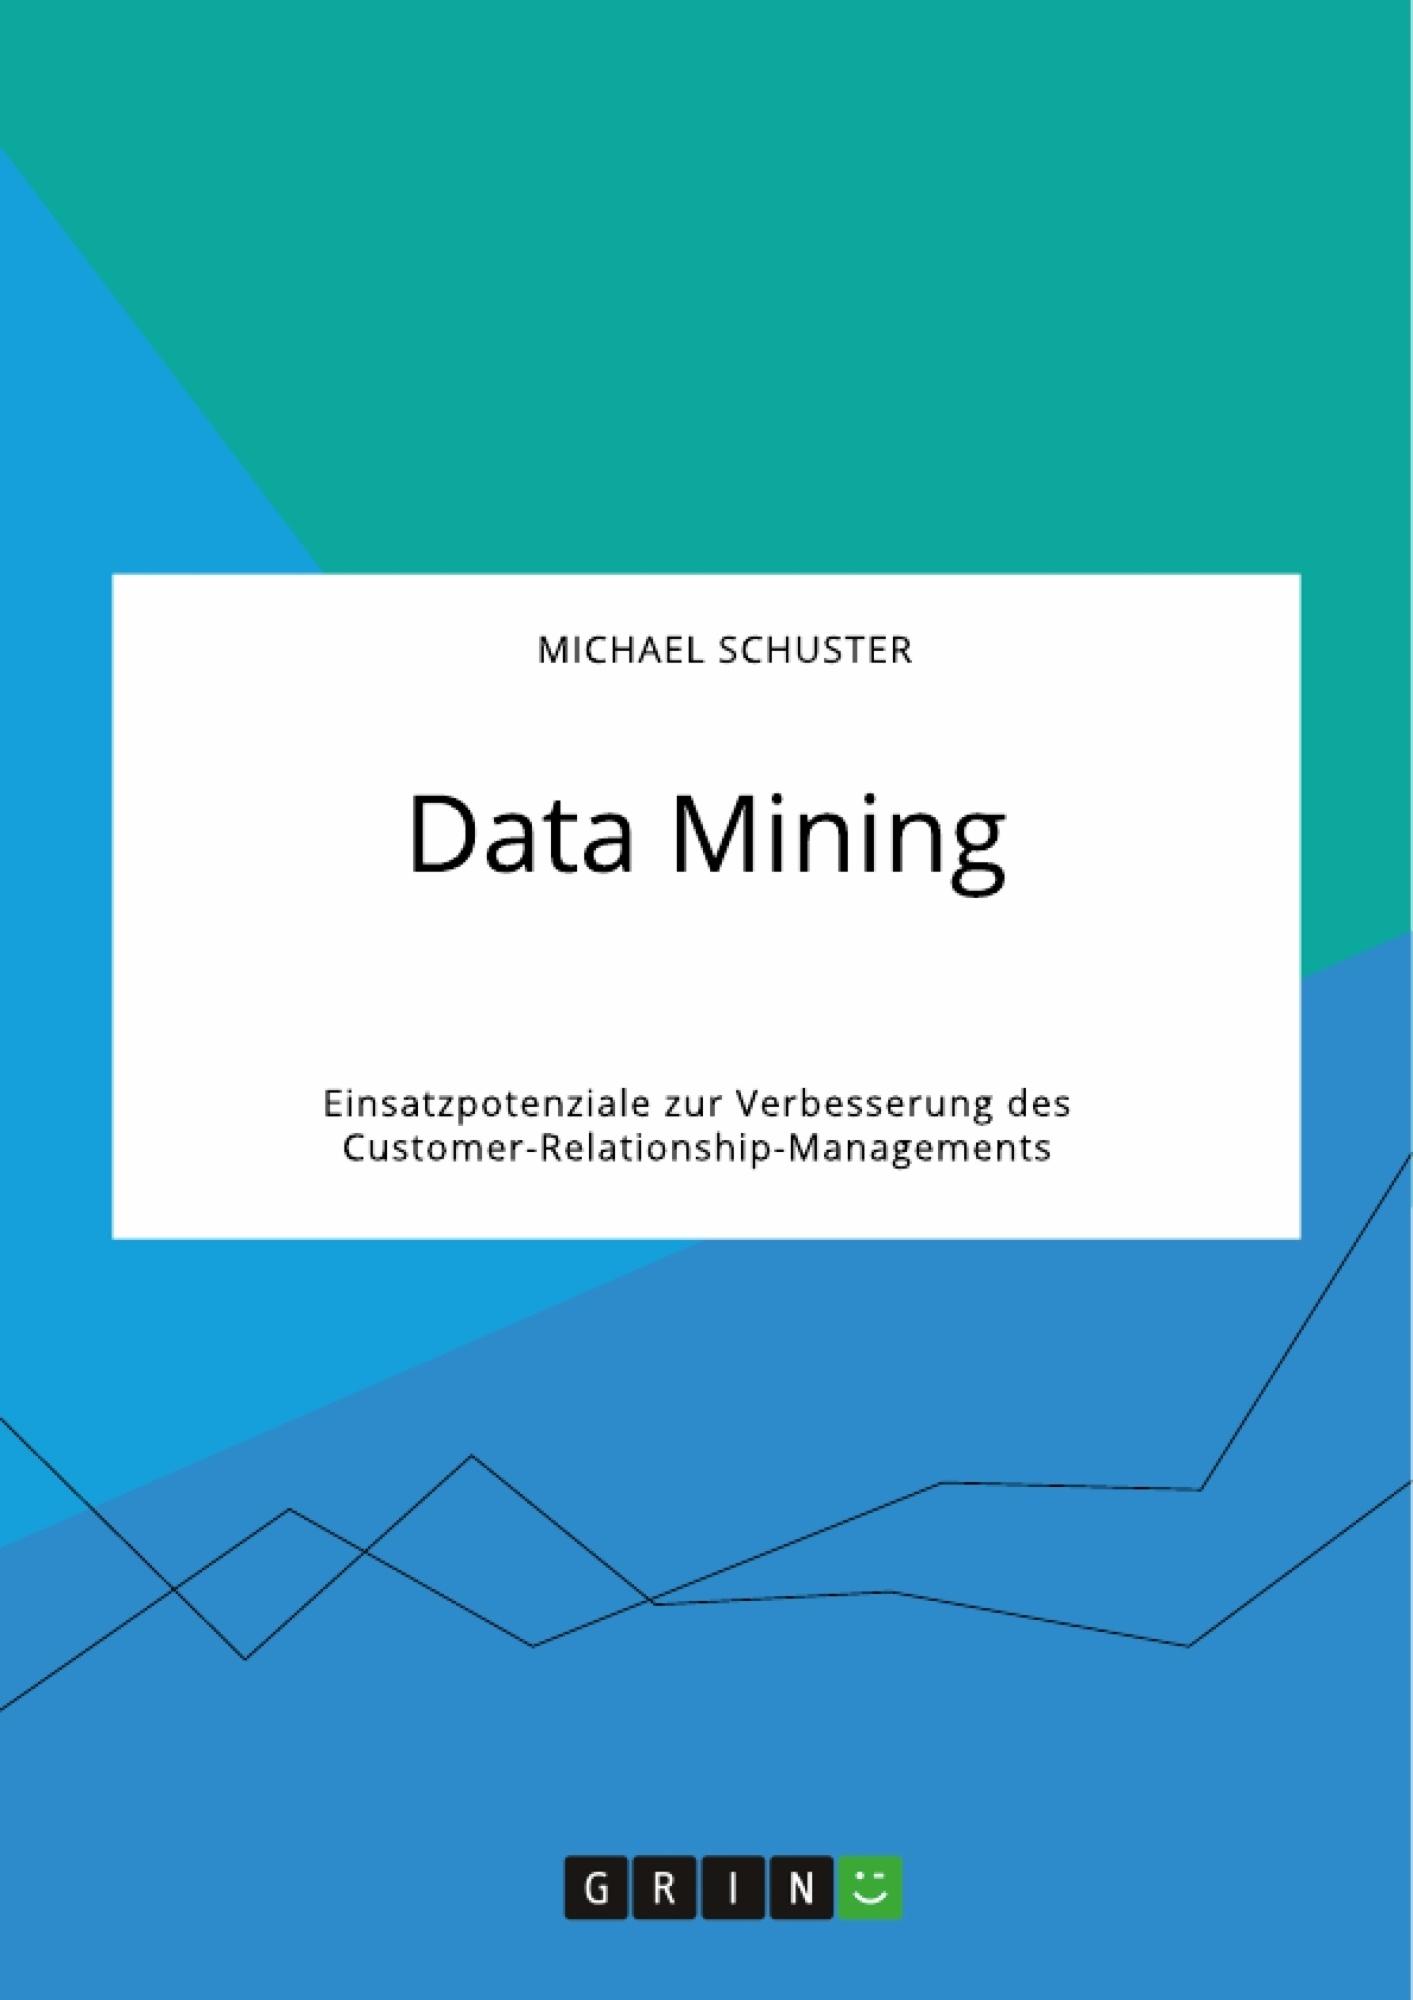 Titel: Data Mining. Einsatzpotenziale zur Verbesserung des Customer-Relationship-Managements